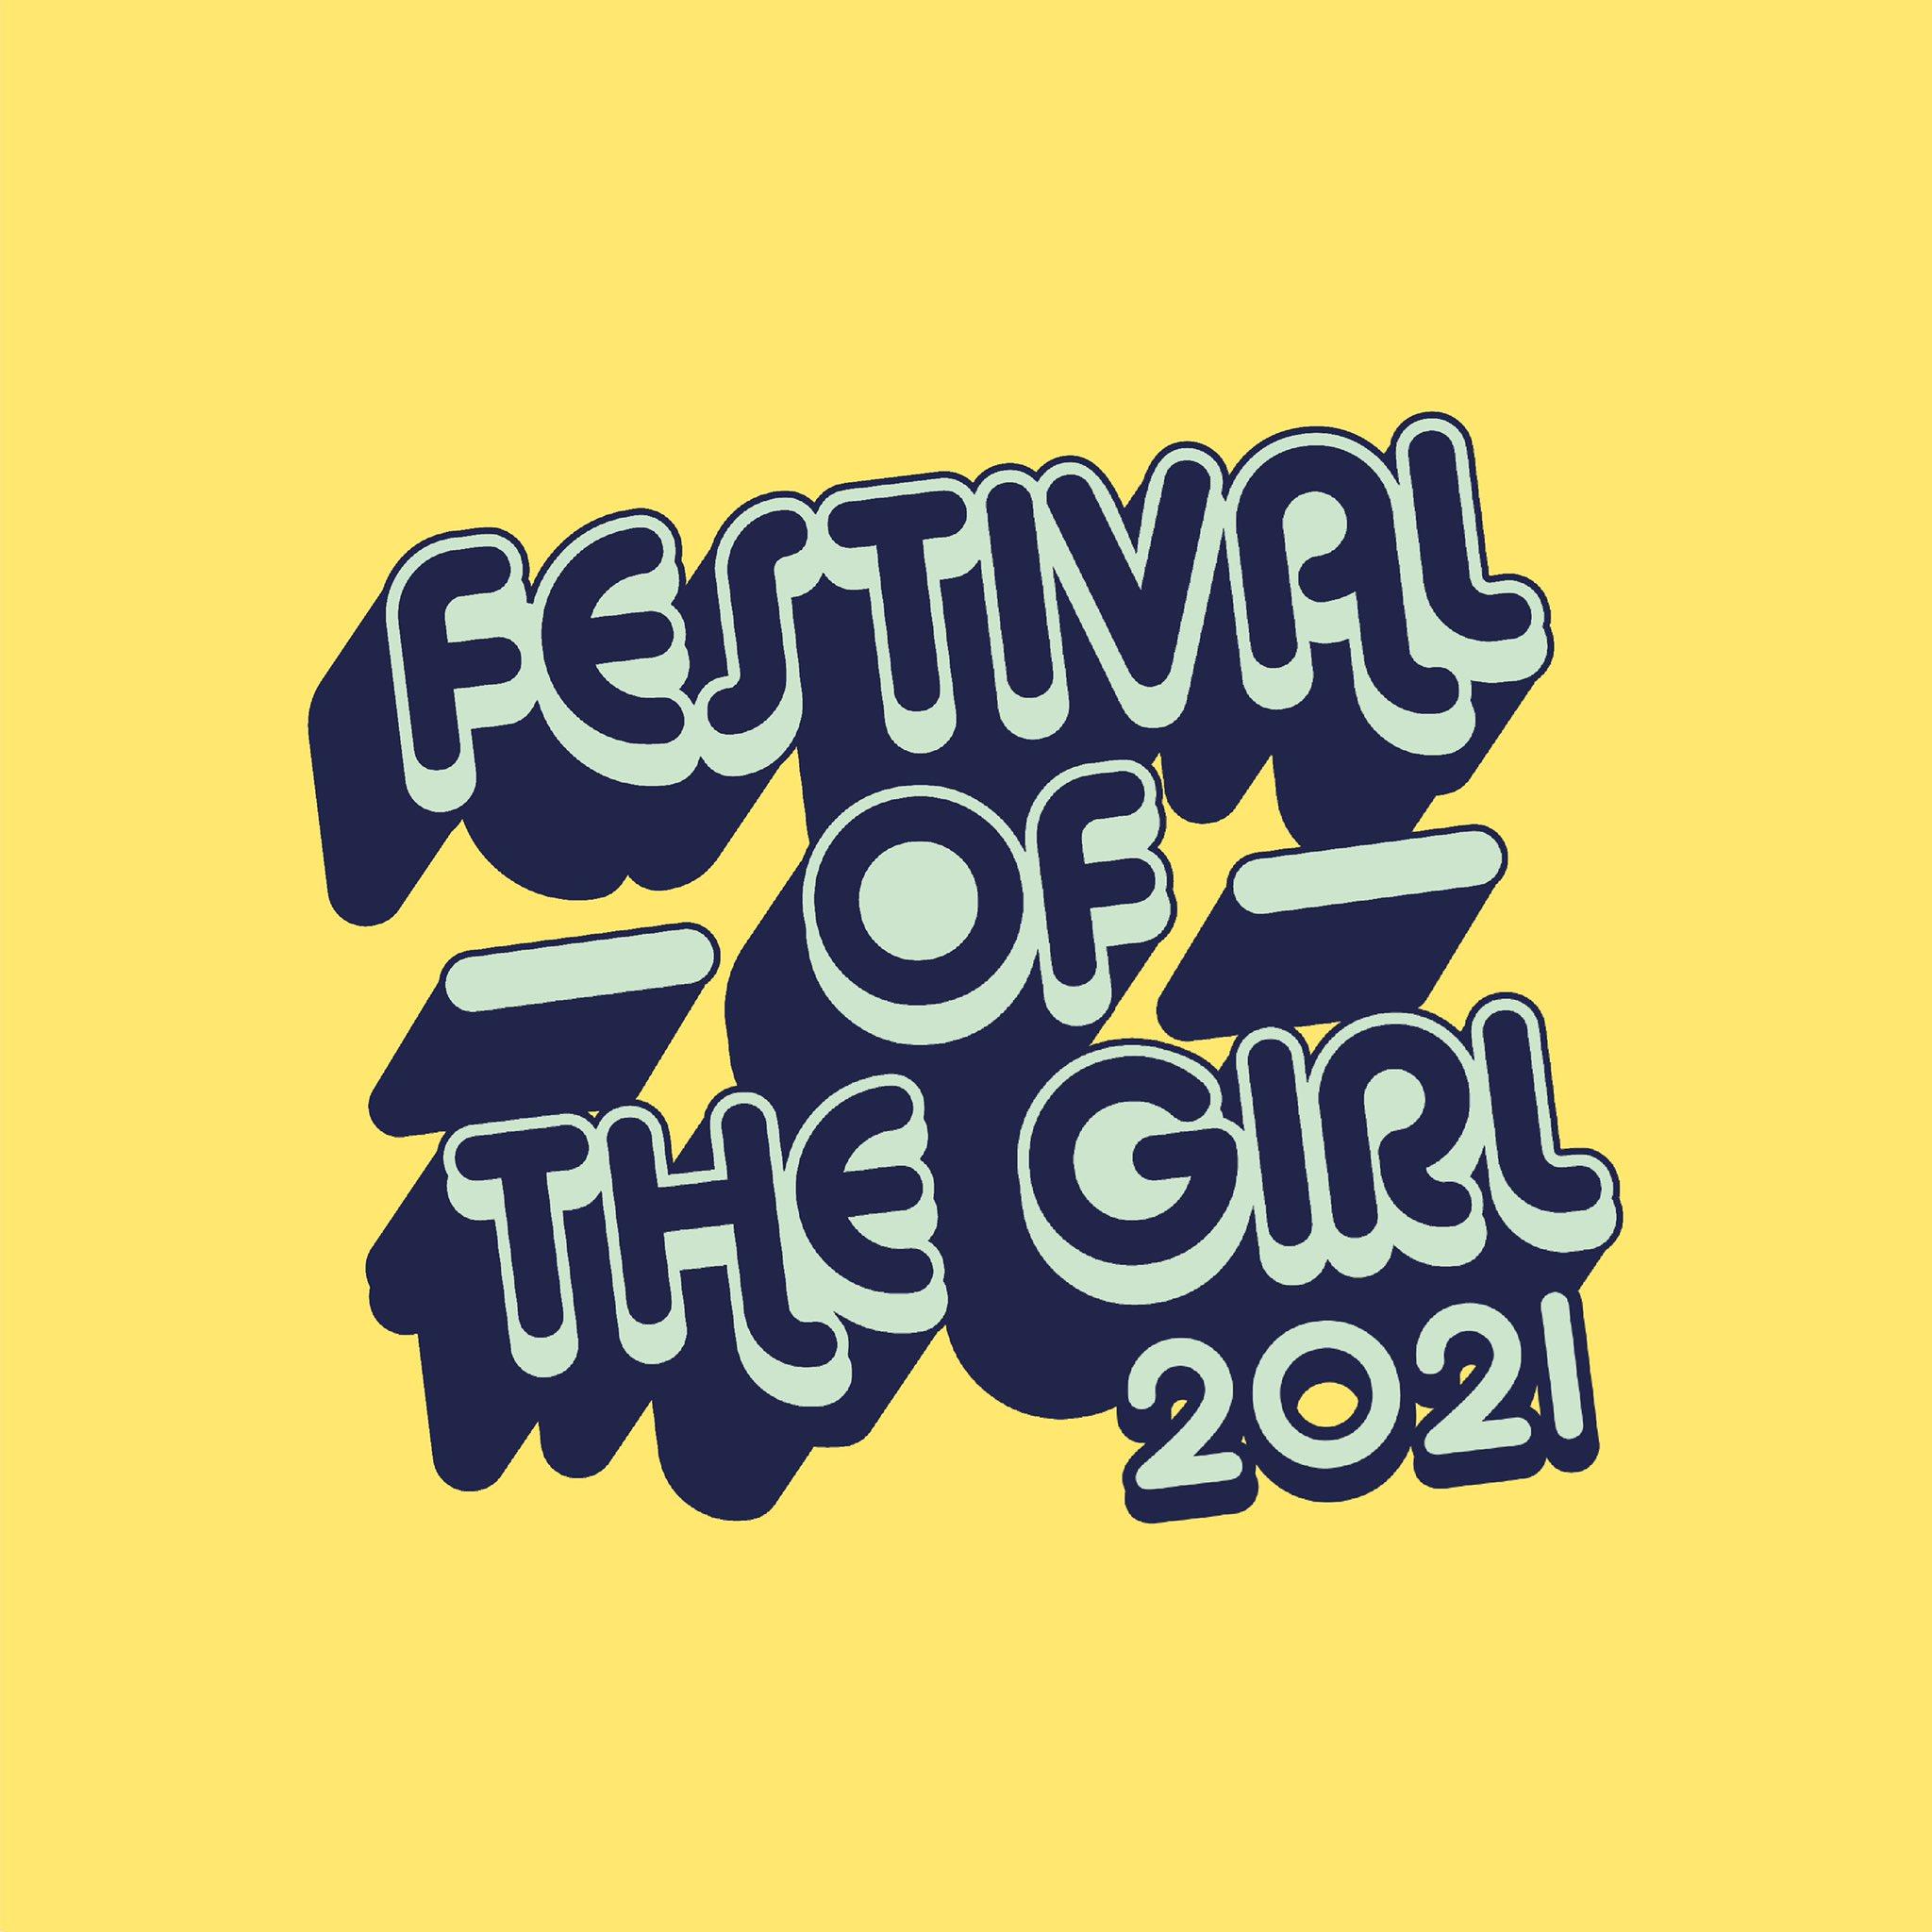 Festival of the Girl 2021